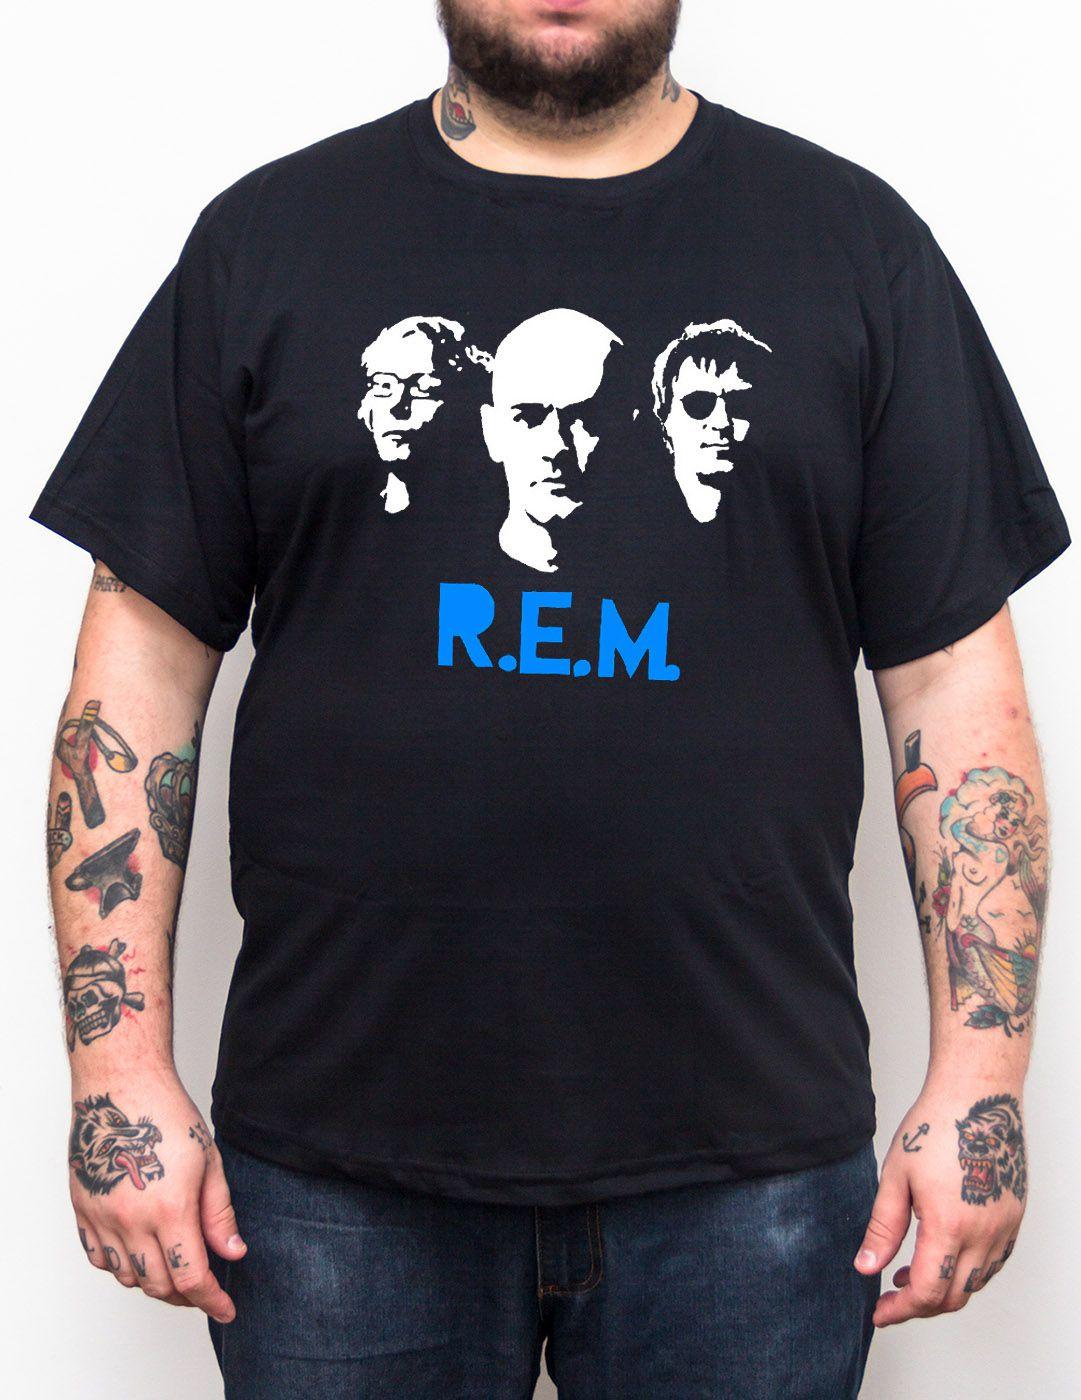 Camiseta R.E.M. - Plus Size - Tamanho Grande  - HShop